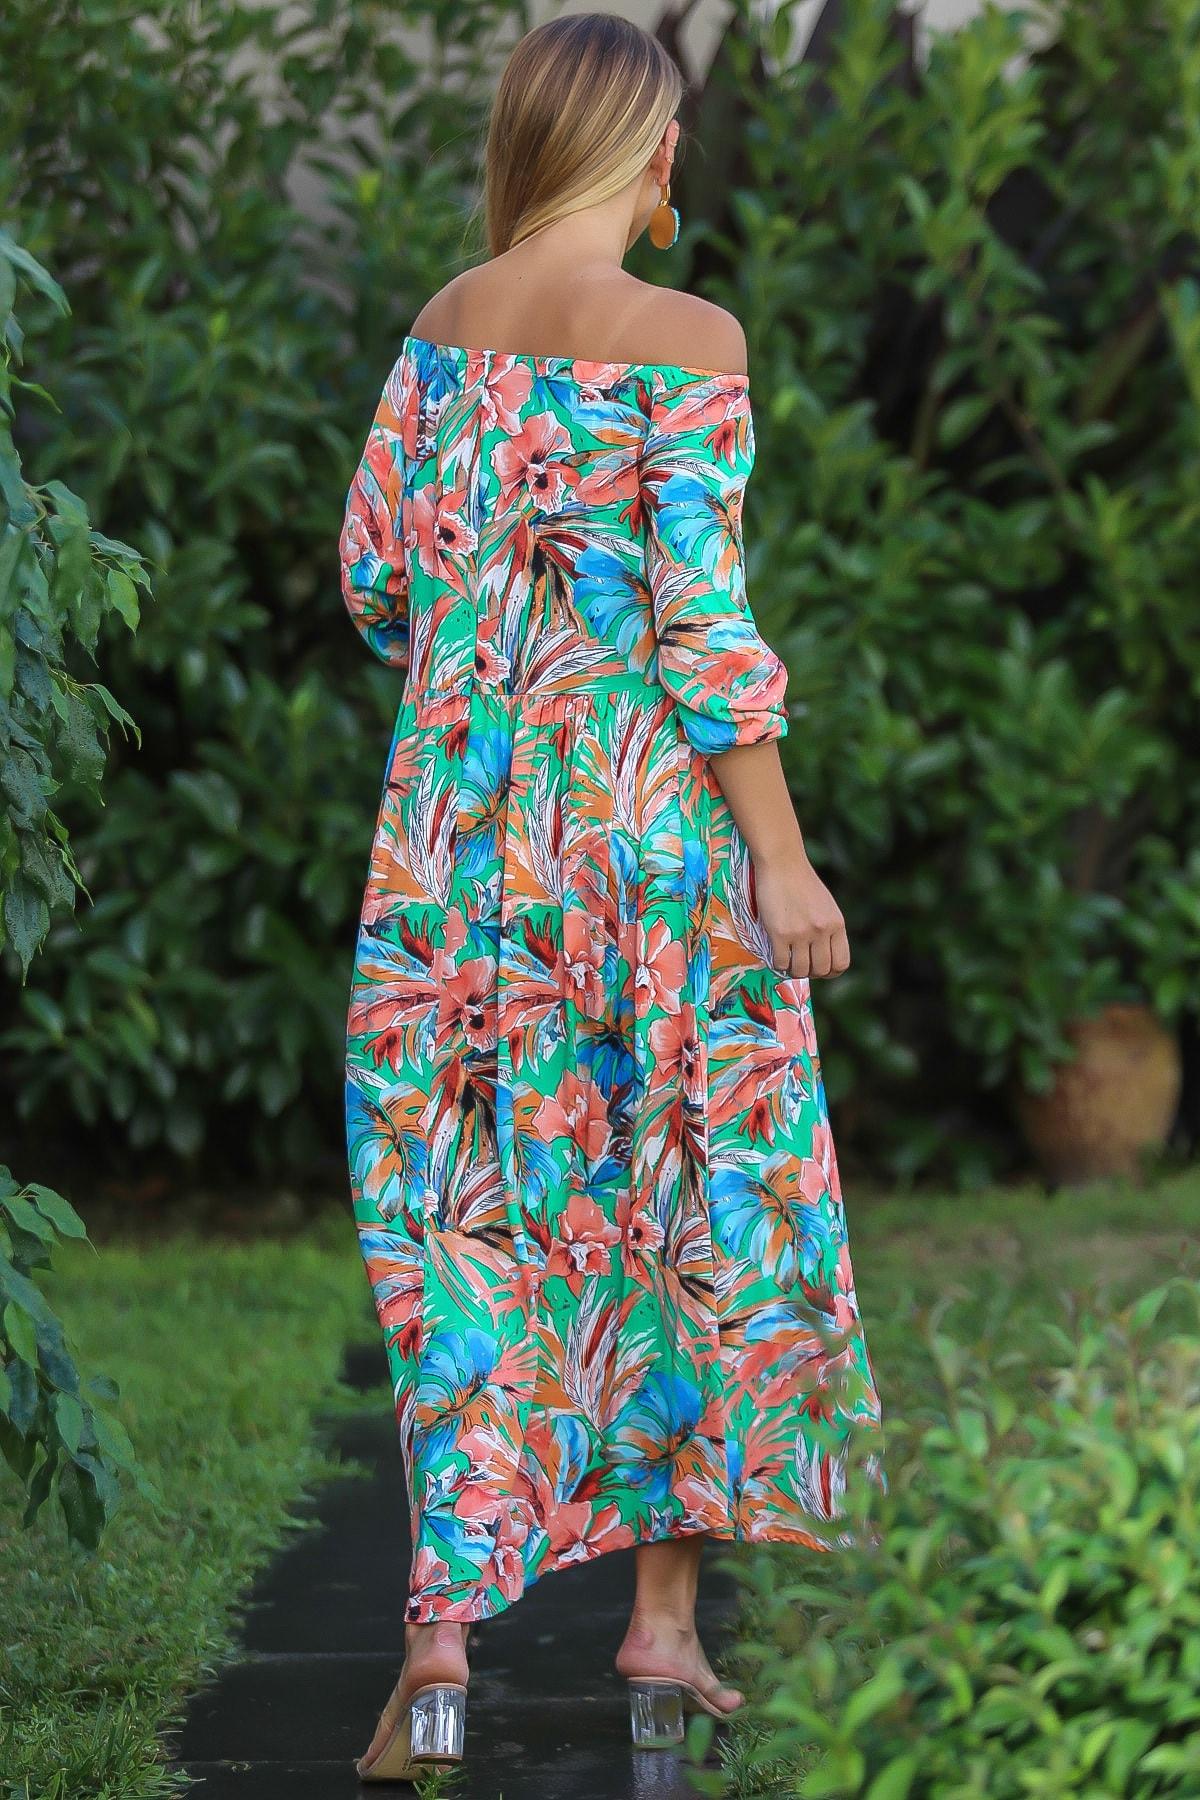 Chiccy Kadın Yeşil Bohem Carmen Yaka Sırtı Fermuar Detaylı Yırtmaçlı Uzun Elbise M10160000El96499 4